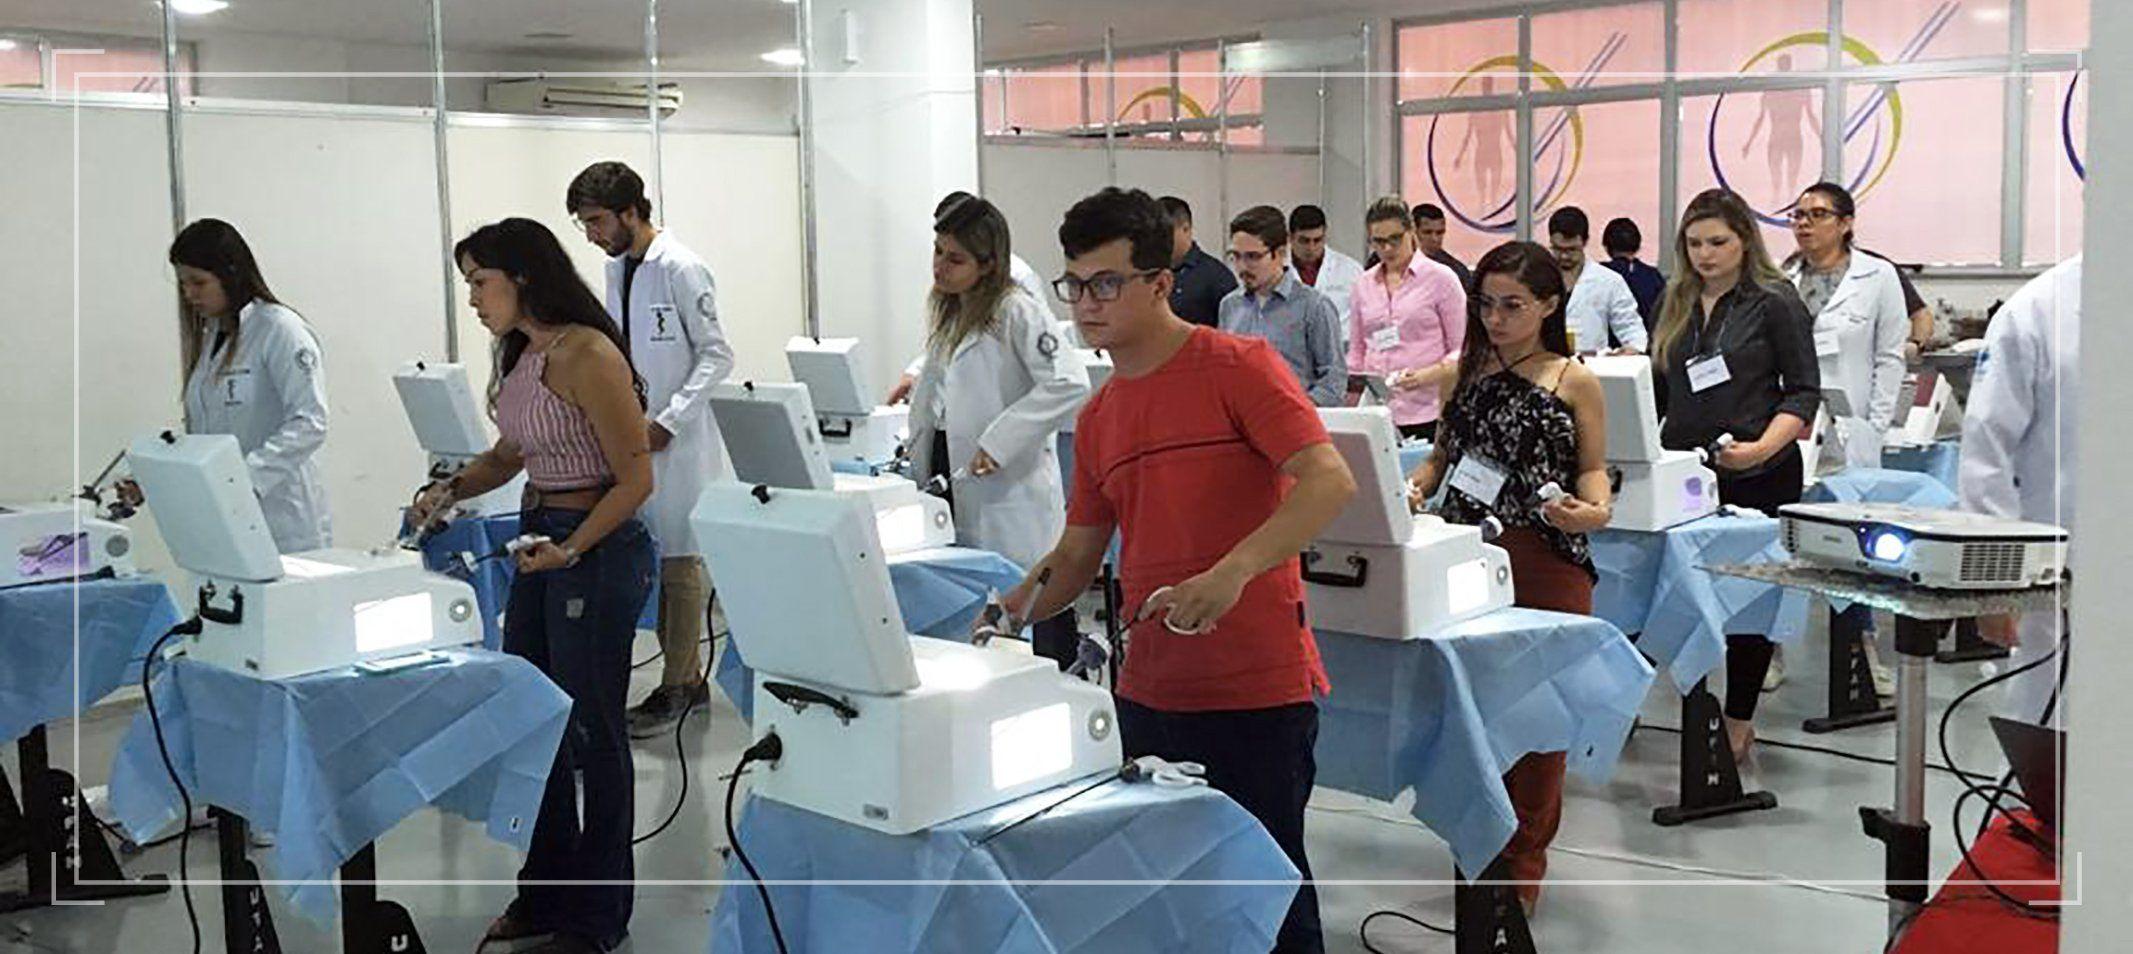 Ufam realiza I Workshop de Treinamento em Videolaparoscopia para residentes em cirurgia